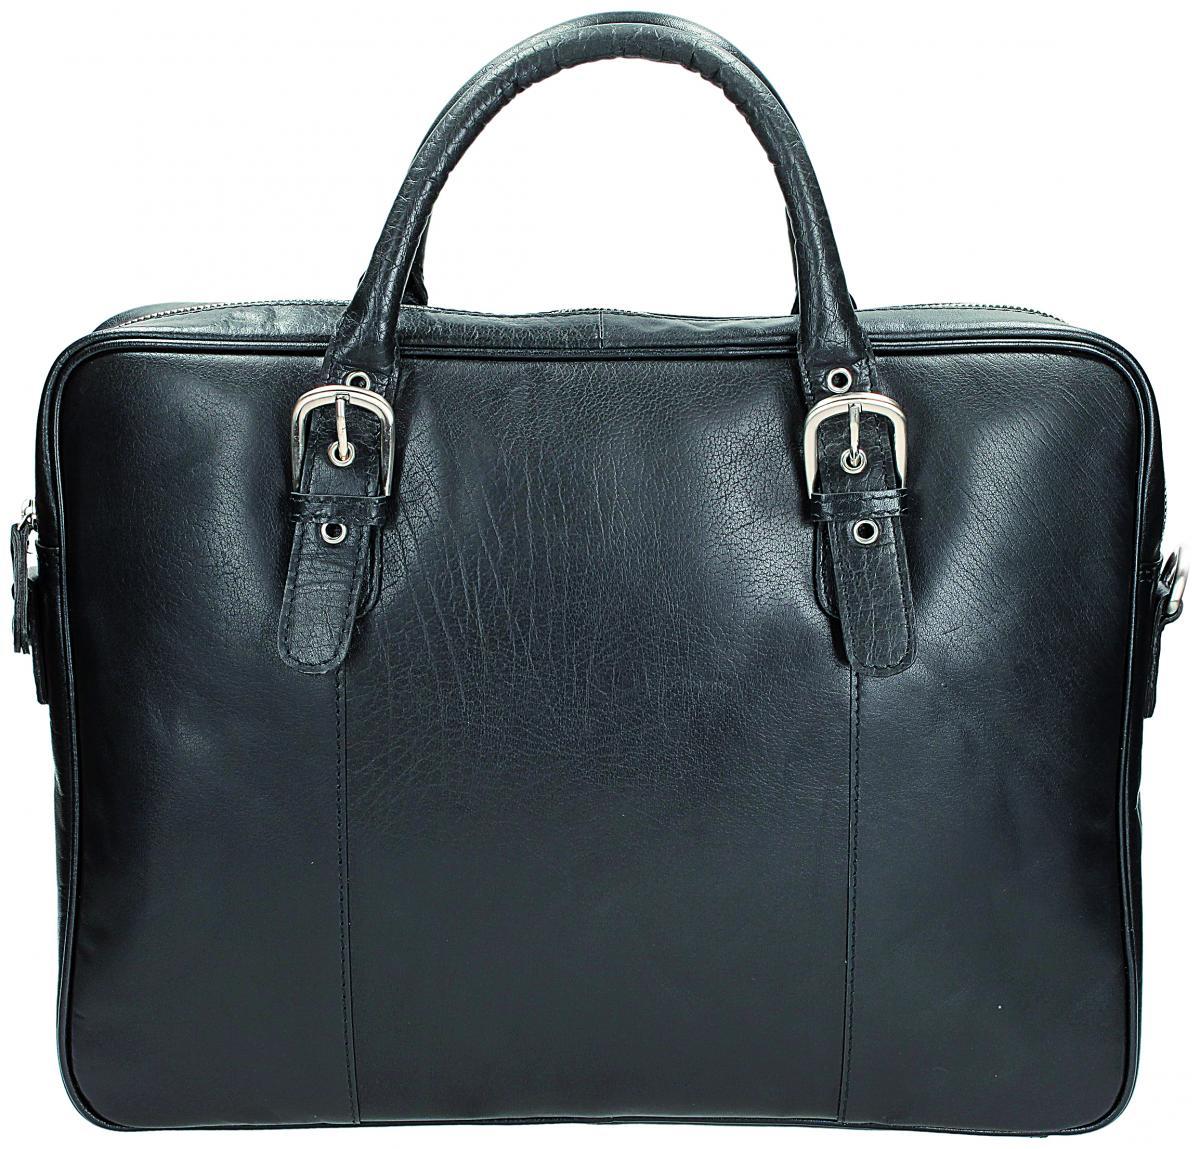 e6cd1ee223dde czarna torba Clarks - Męskie buty i dodatki Clarks - Trendy sezonu ...